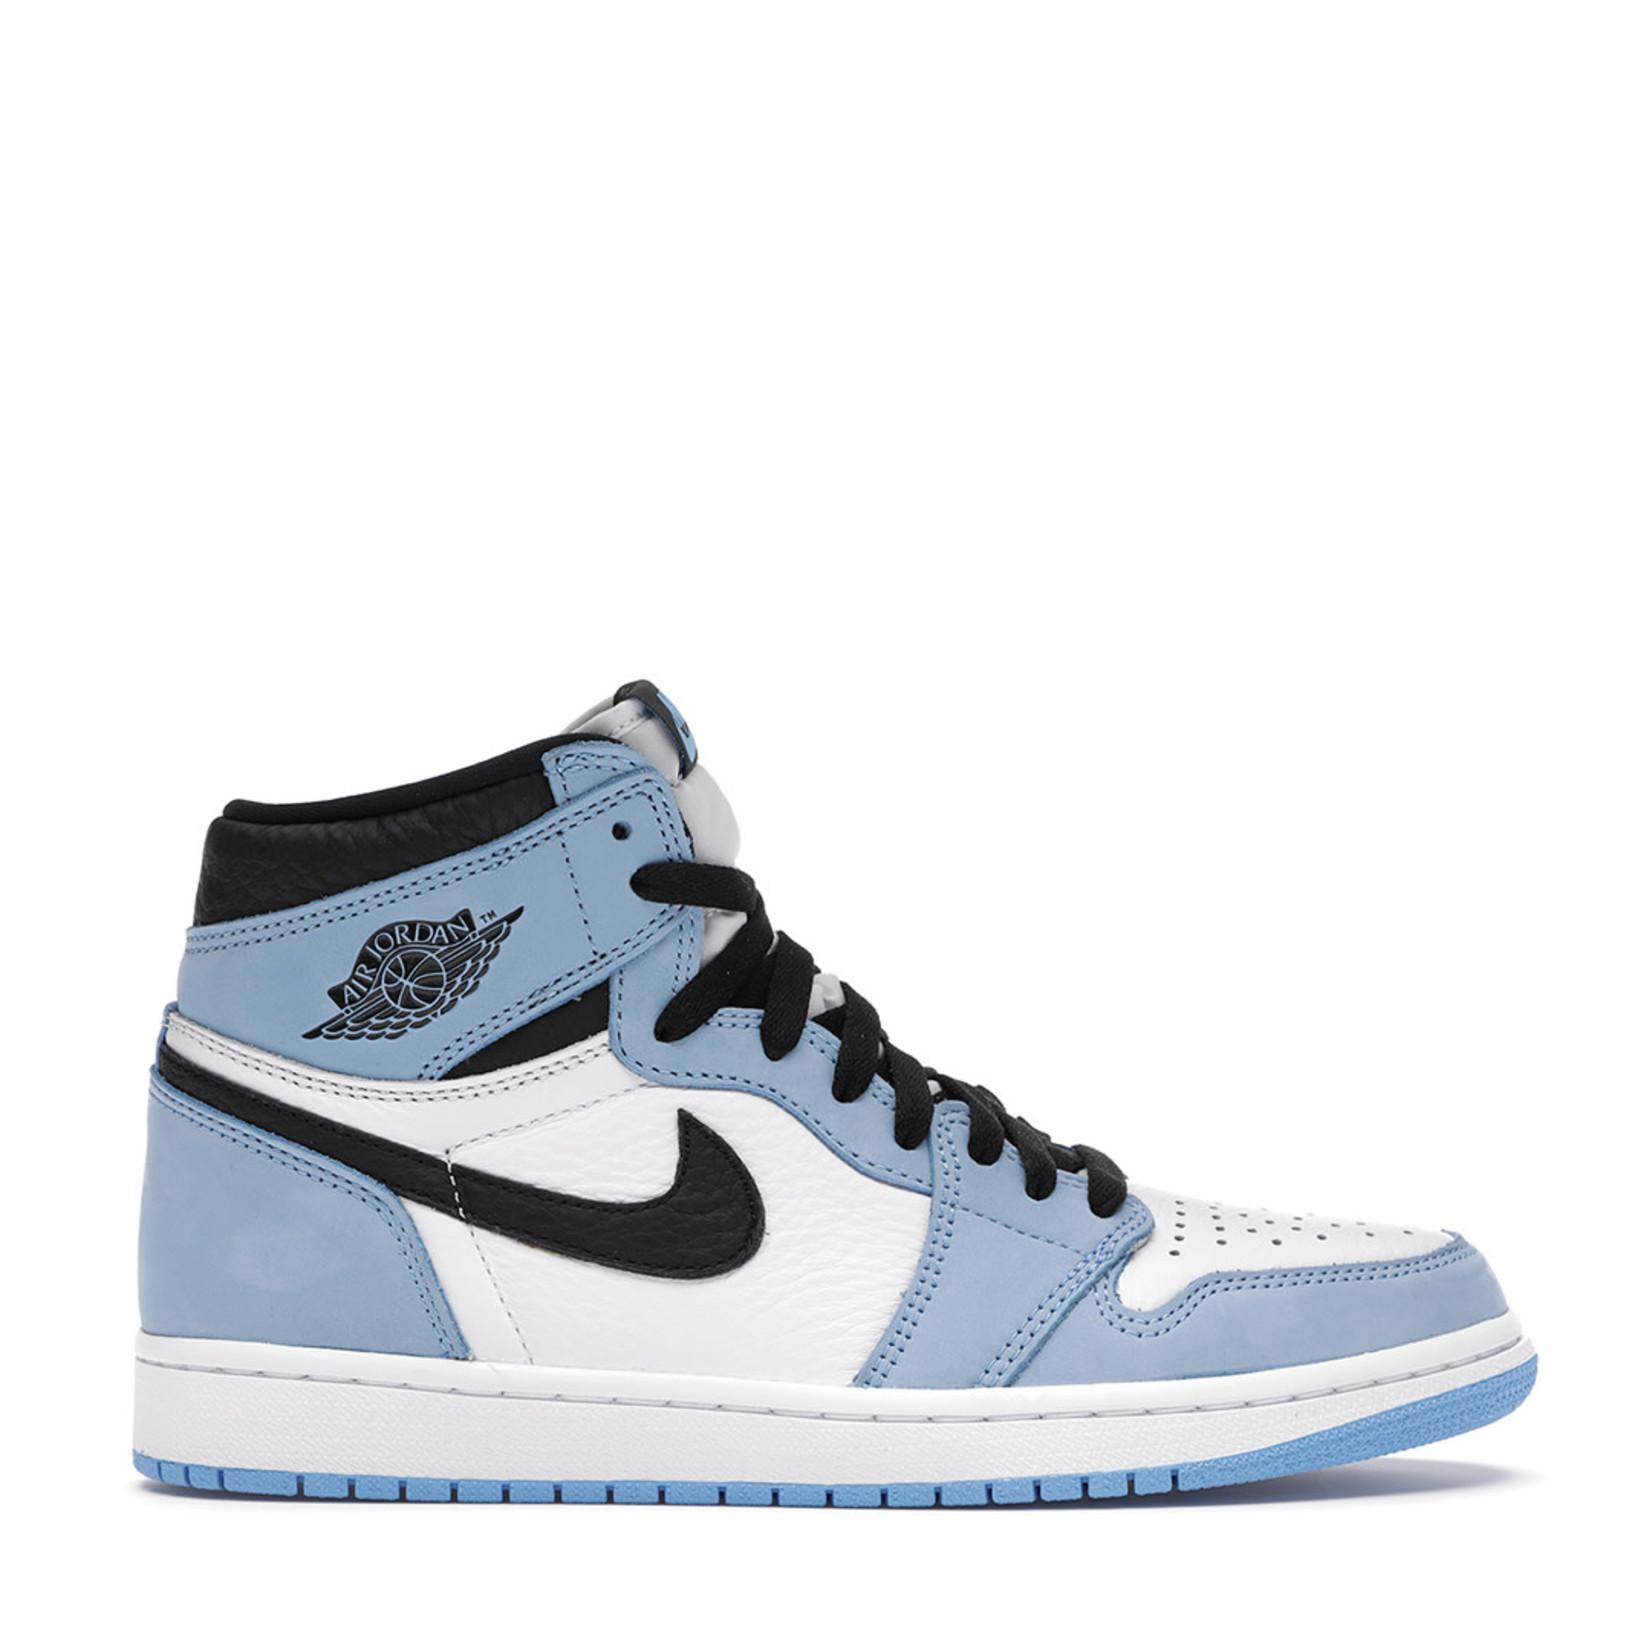 Jordan Jordan 1 Retro High White University Blue Black